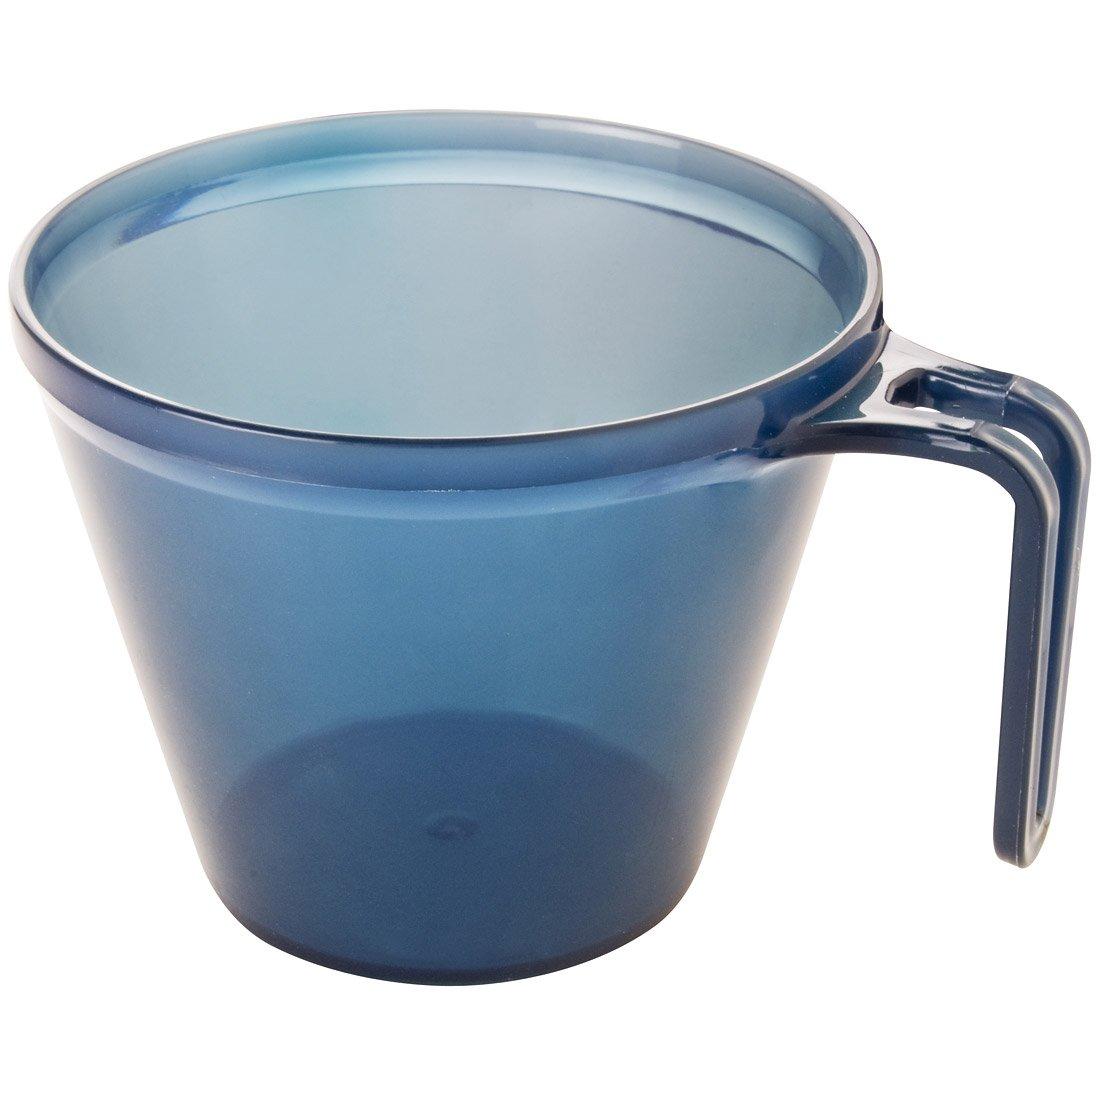 כוס לשטח - Infinity Stacking Cup - GSI